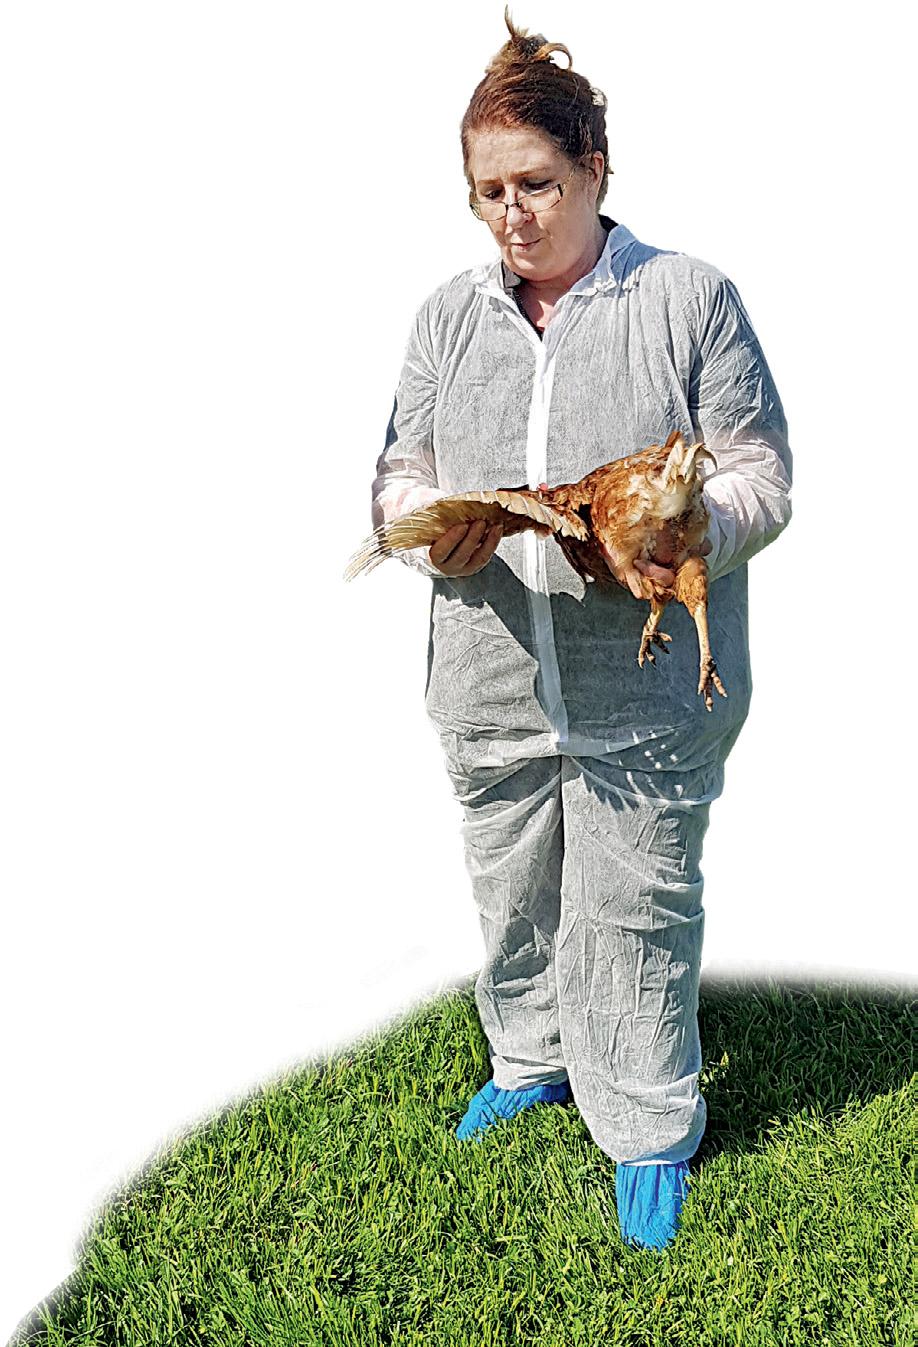 Man muss die Tiere in die Hand nehmen, schon die ersten fehlenden Federn sind ein Alarmzeichen.